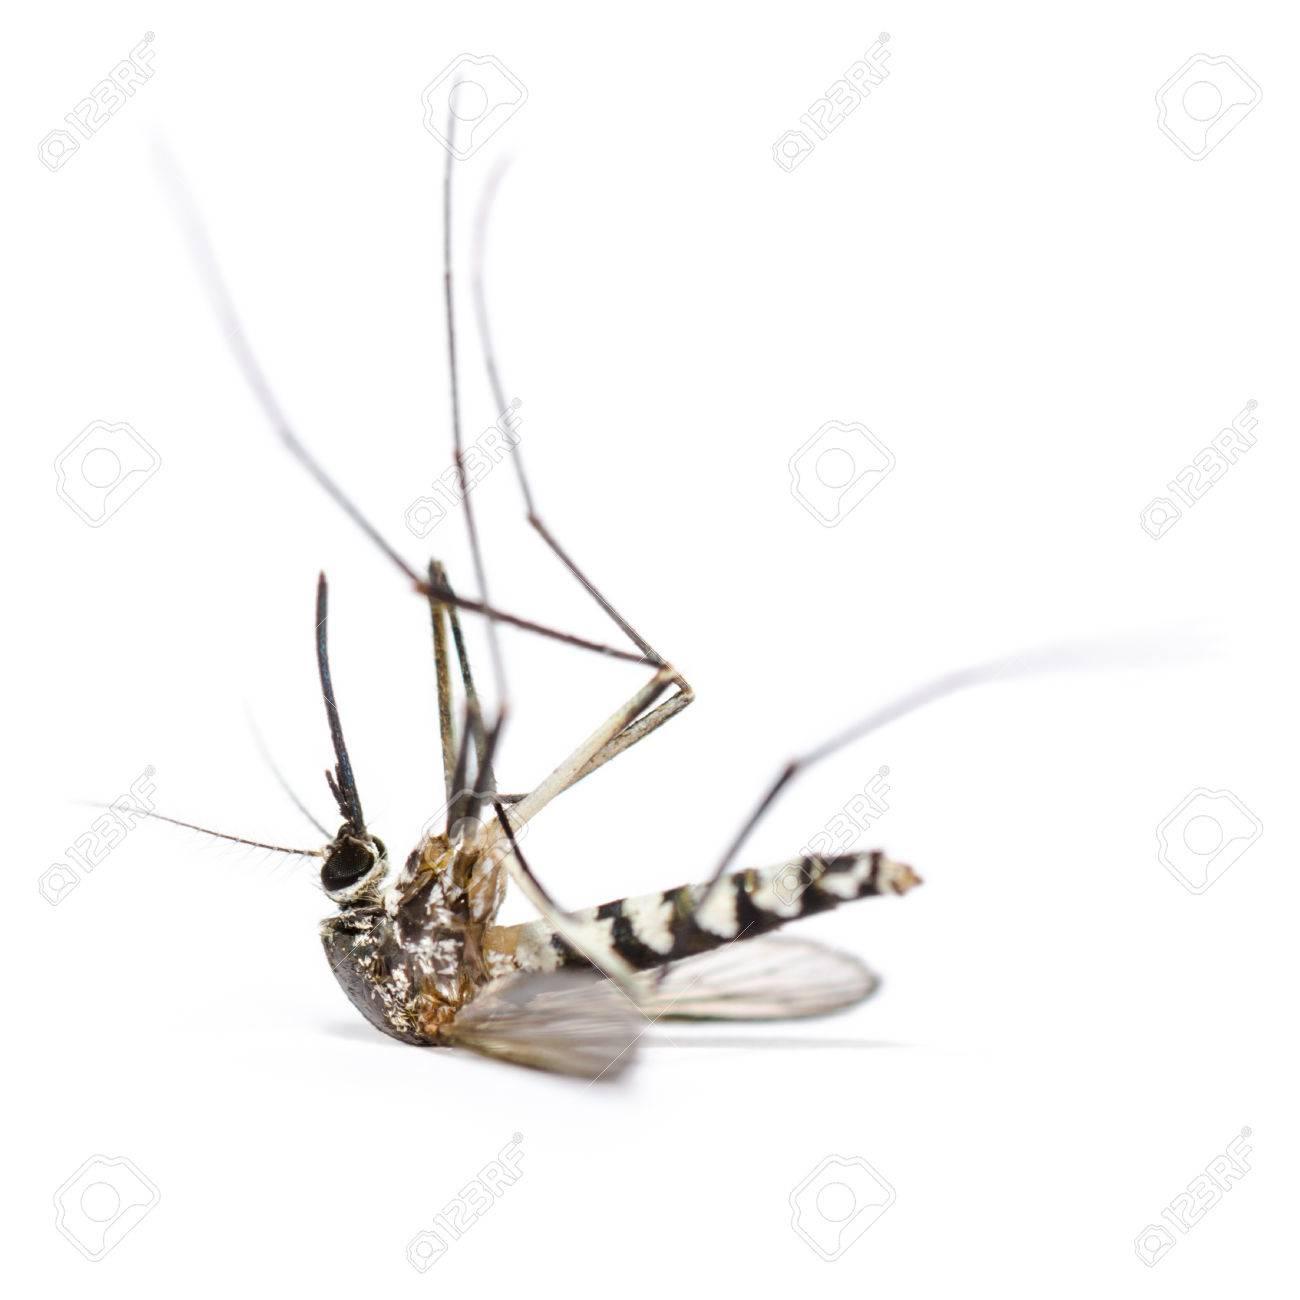 シマカ ヒトスジシマカ死んだ (シマカ albopicta) (アジアのタイガーモスキート